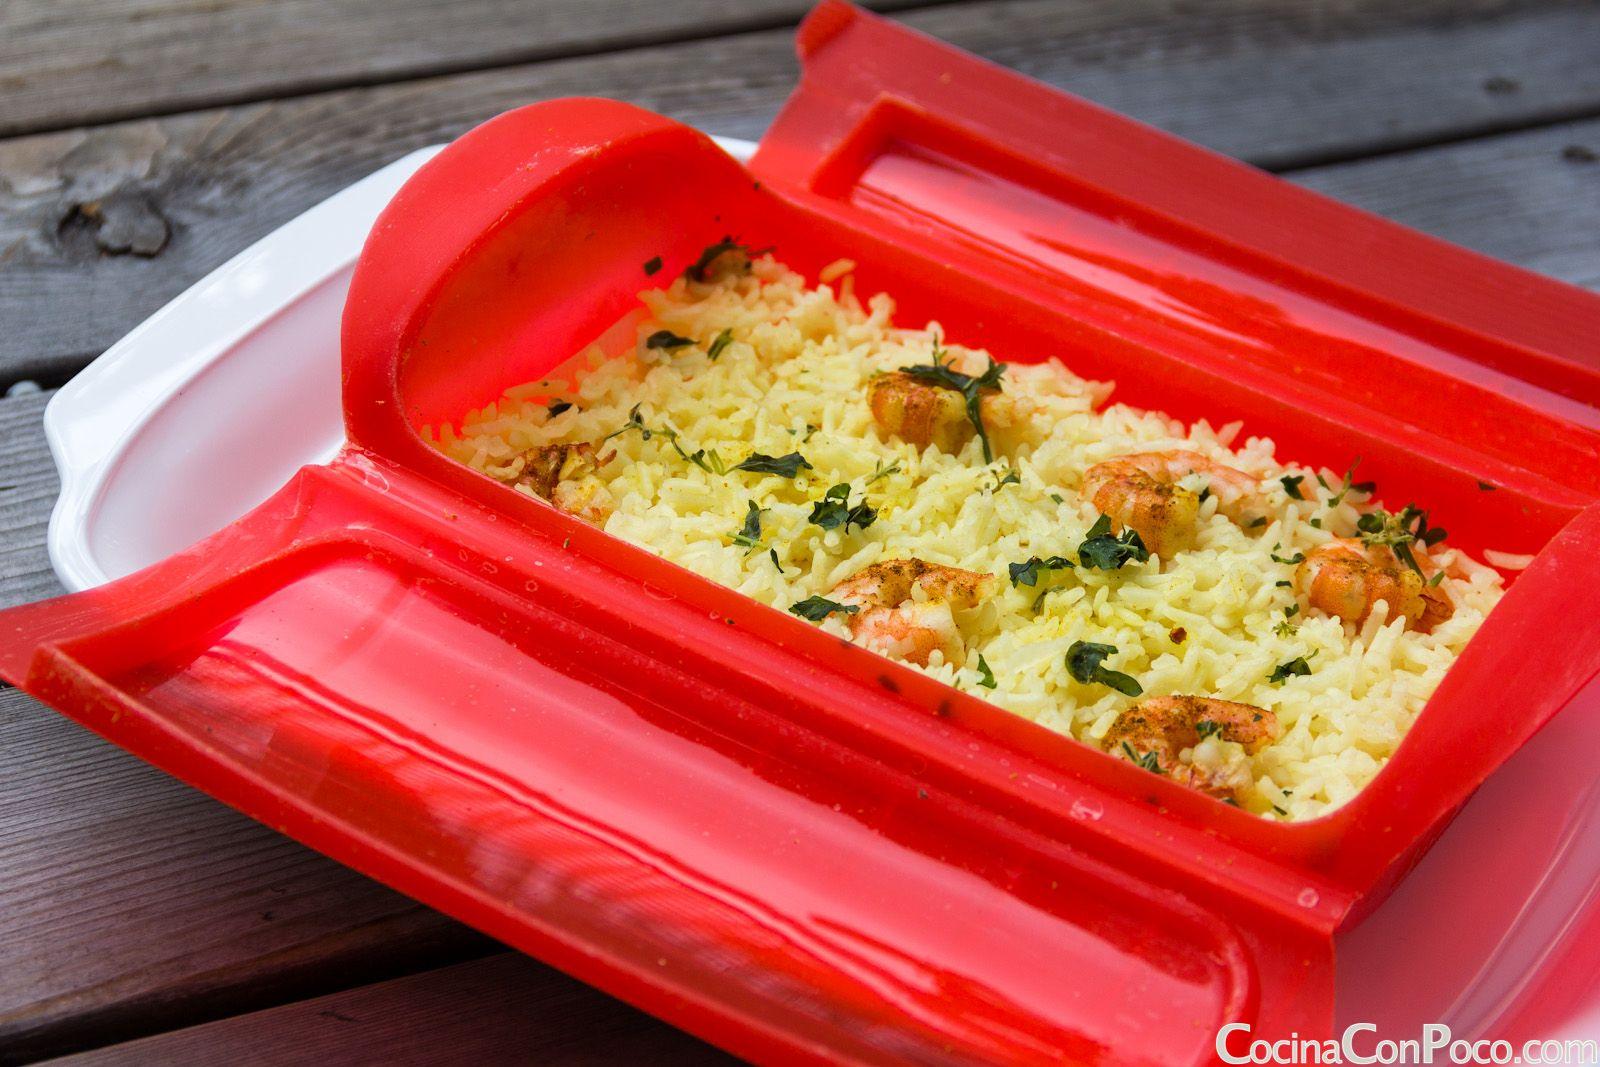 Recetas De Cocina Al Vapor | Lekue Vaporera Receta Vapor Arroz Gambas Curry Recetas